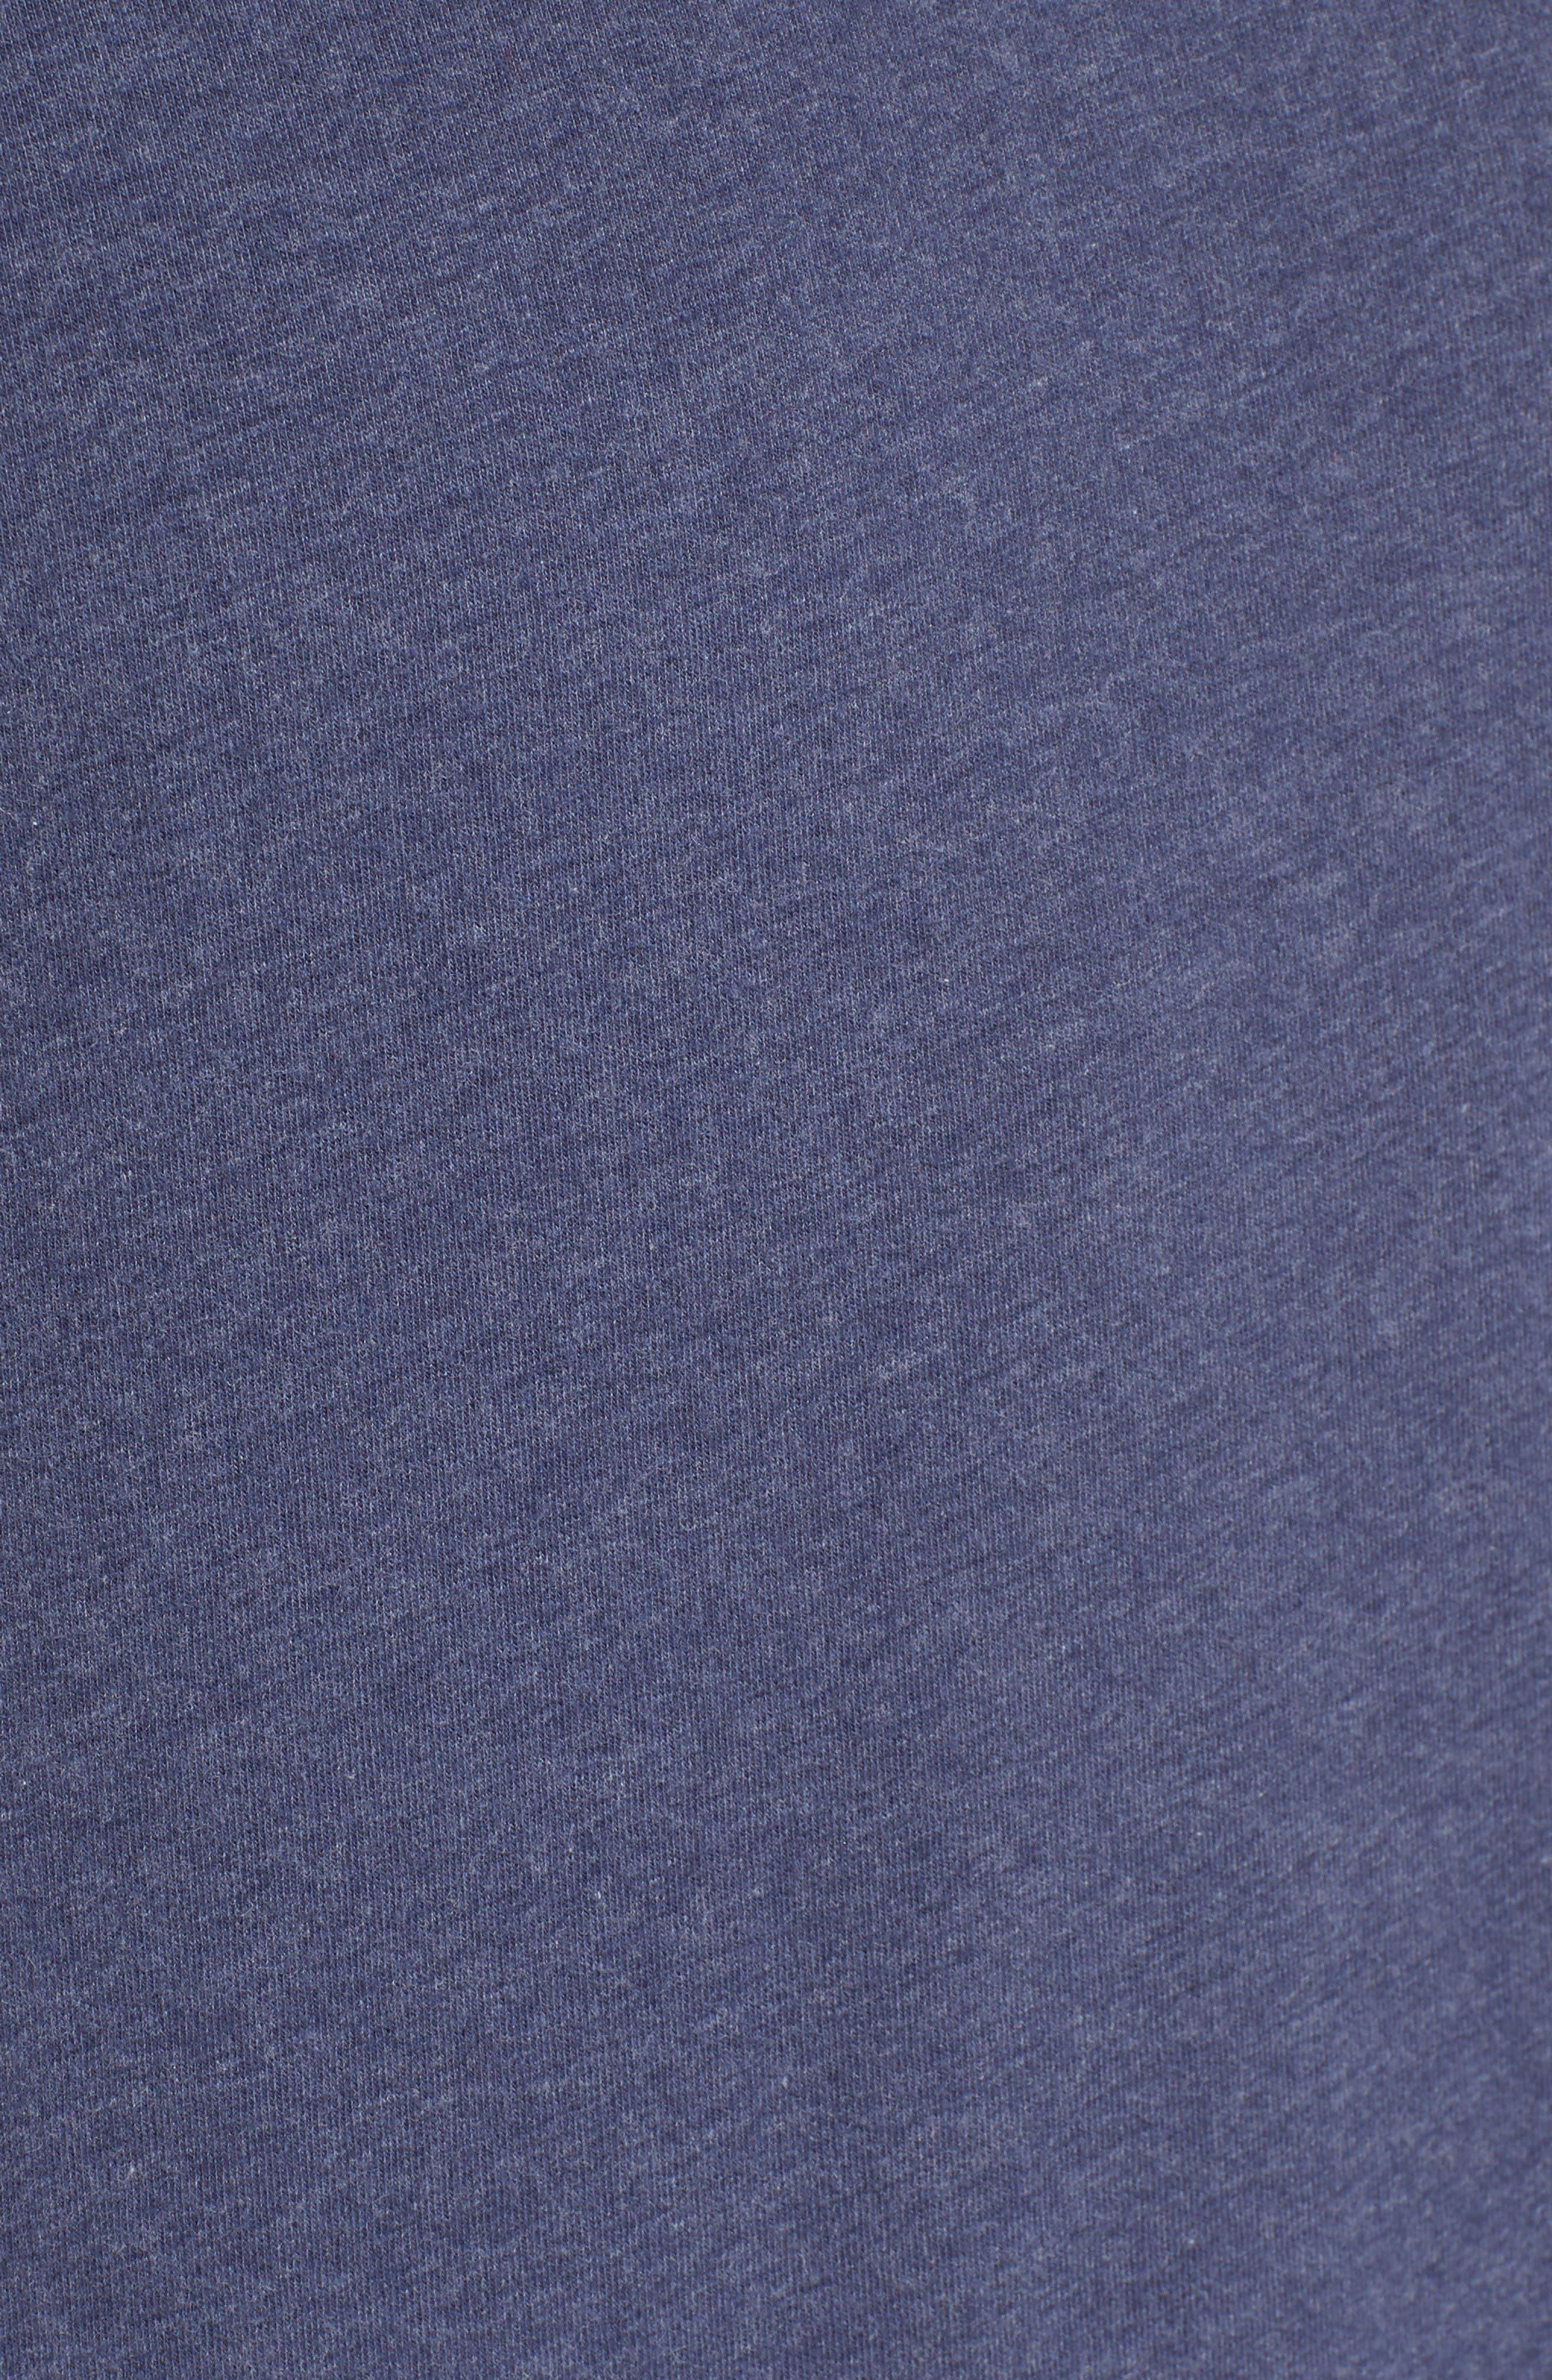 Alternate Image 5  - Nordstrom Men's Shop Stretch Cotton V-Neck T-Shirt